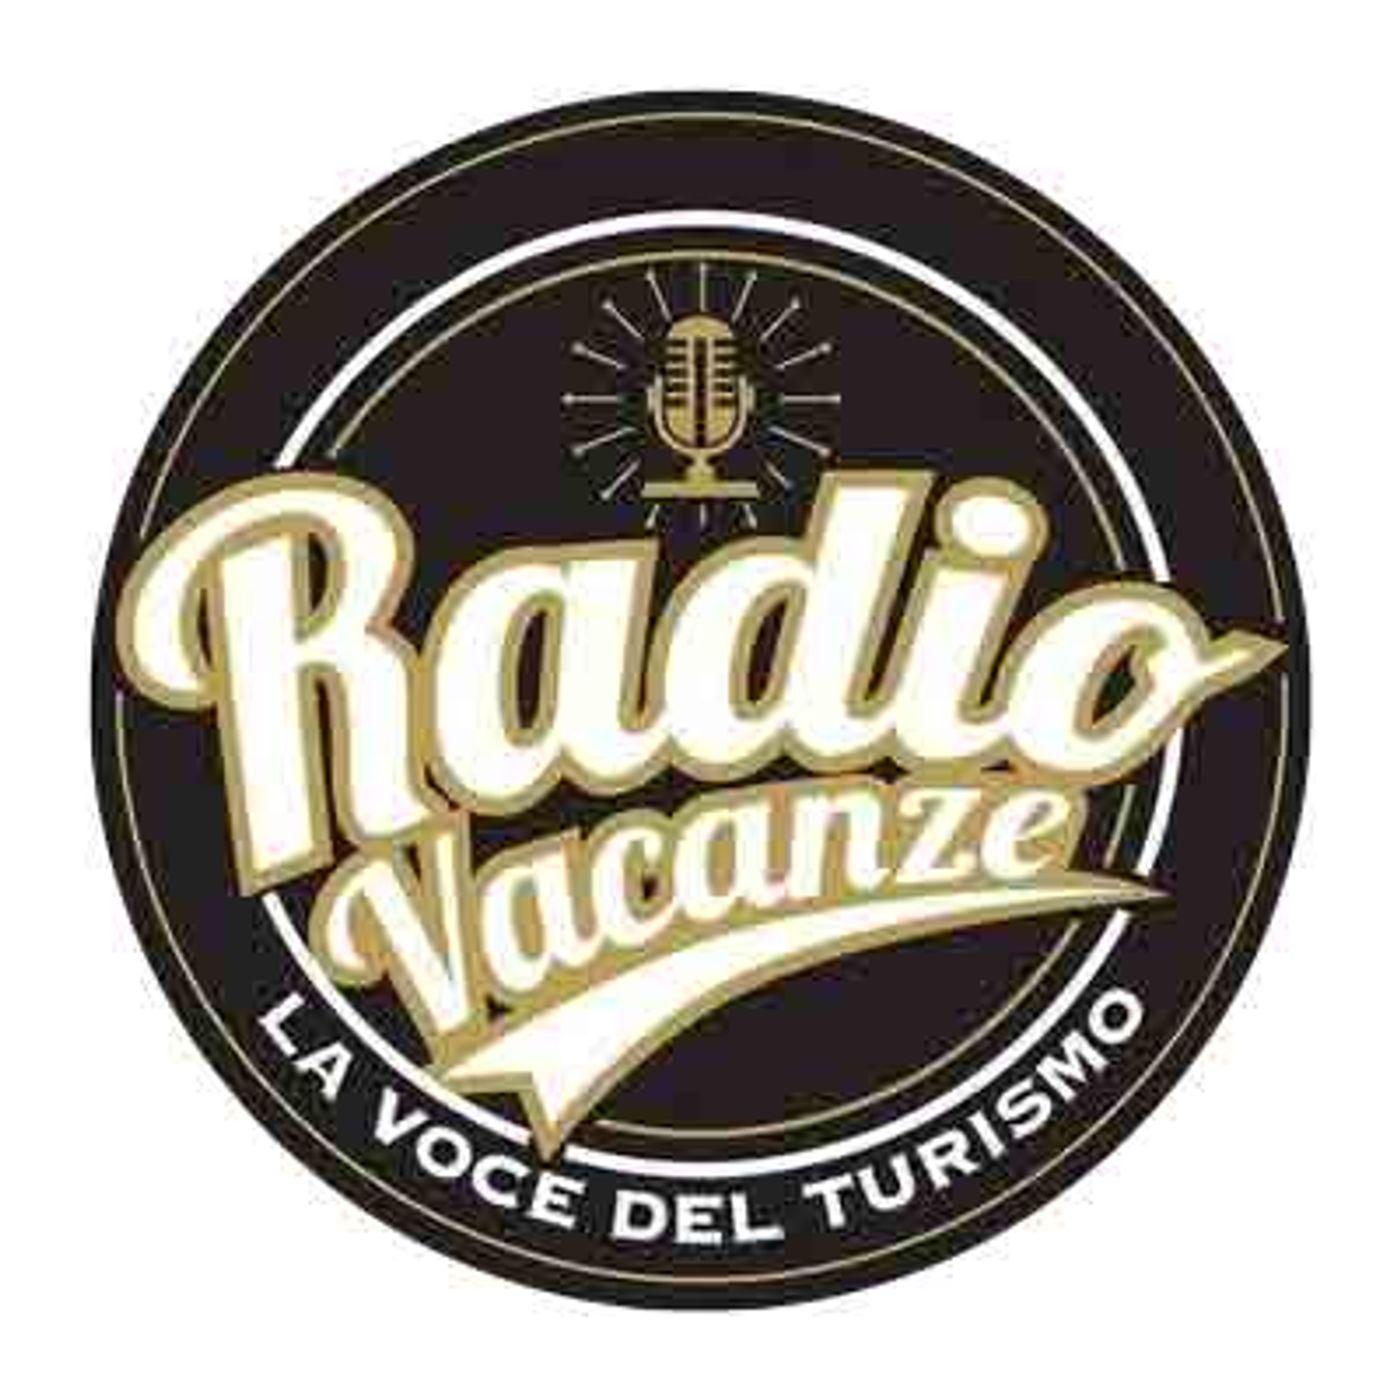 puntata 207 vacanze alla radio i rimborsi dei pacchetti  turistici e biglietti aerei